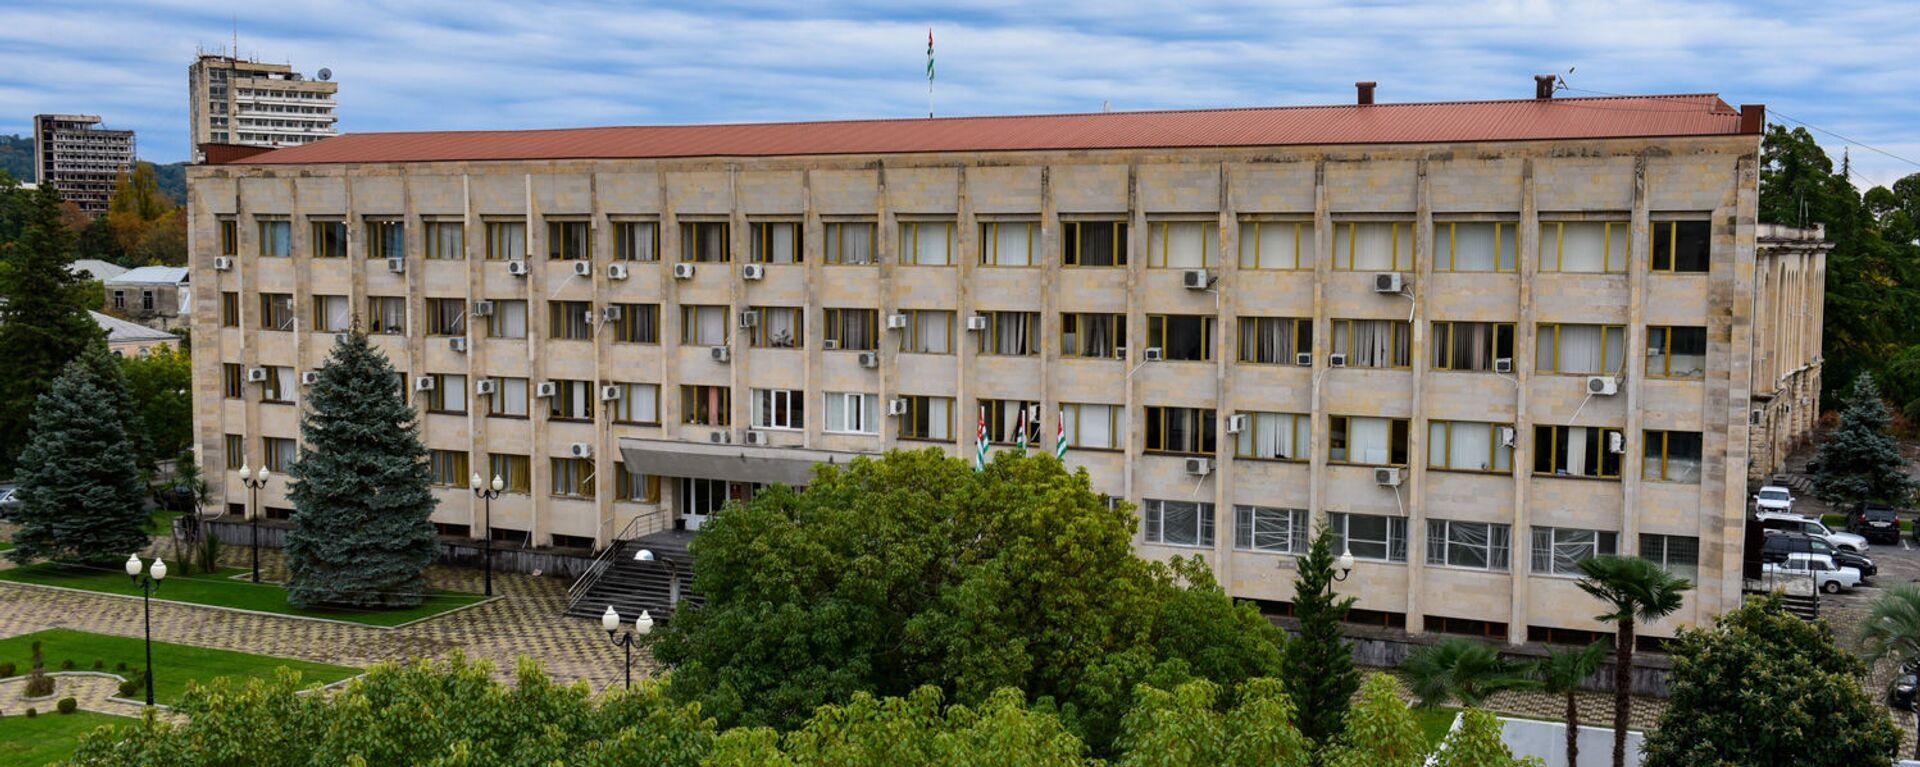 Кабинет Министров Республики Абхазия - Sputnik Абхазия, 1920, 14.10.2021